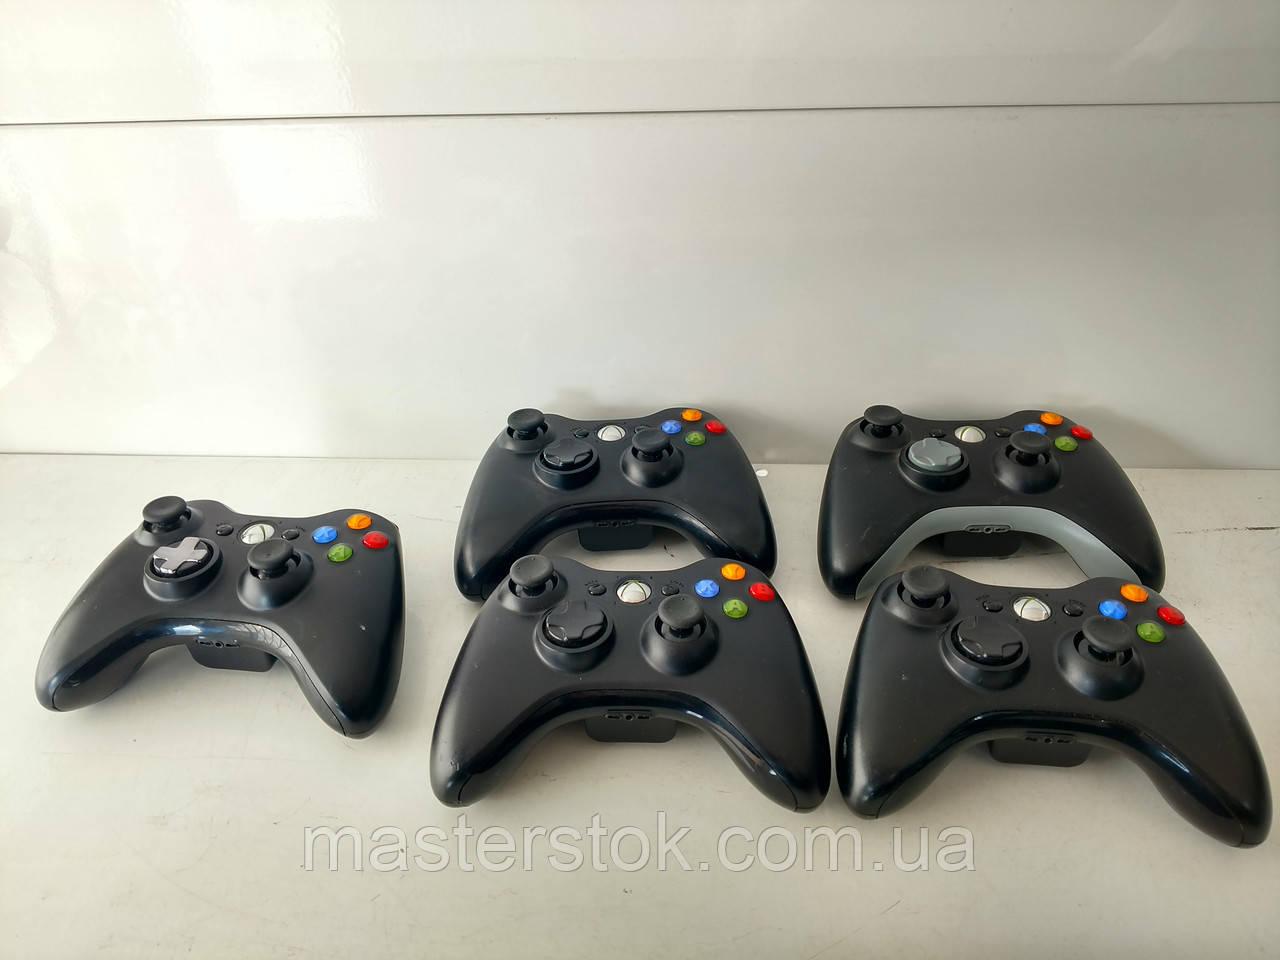 Беспроводные черные оригинальные джойстики для Xbox 360